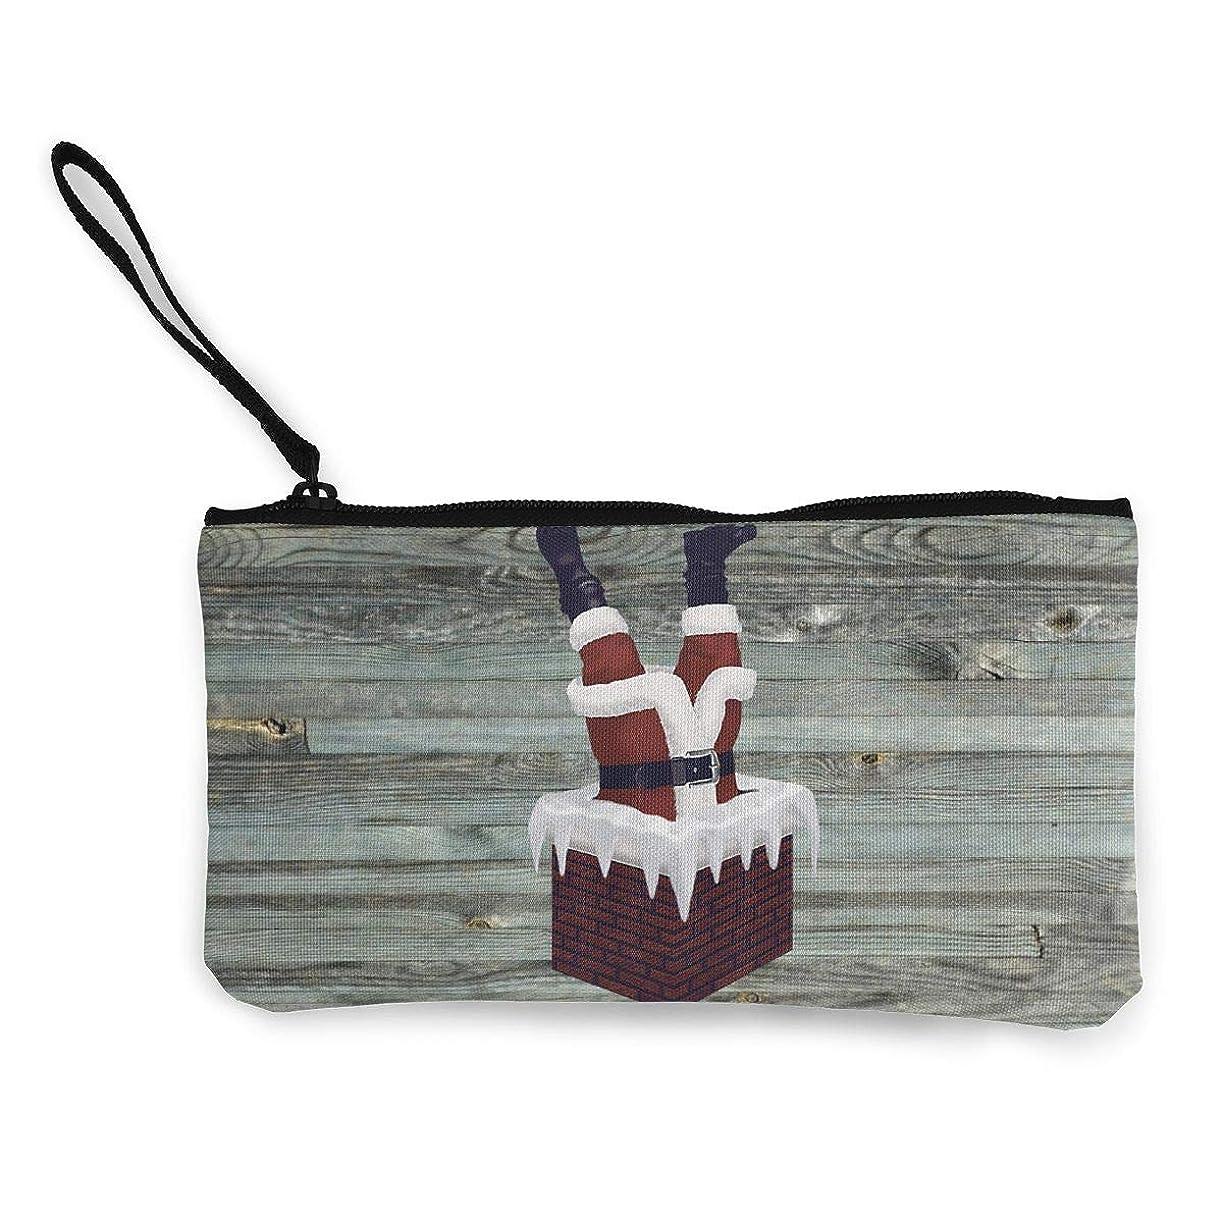 箱スカウトショルダークリスマス キャンバスコイン 財布 作る アップ バッグ ジッパー 小さい 財布 財布 にとって 現金 クレジット カード 運転手 ライセンス パスポート 等 W 8.5